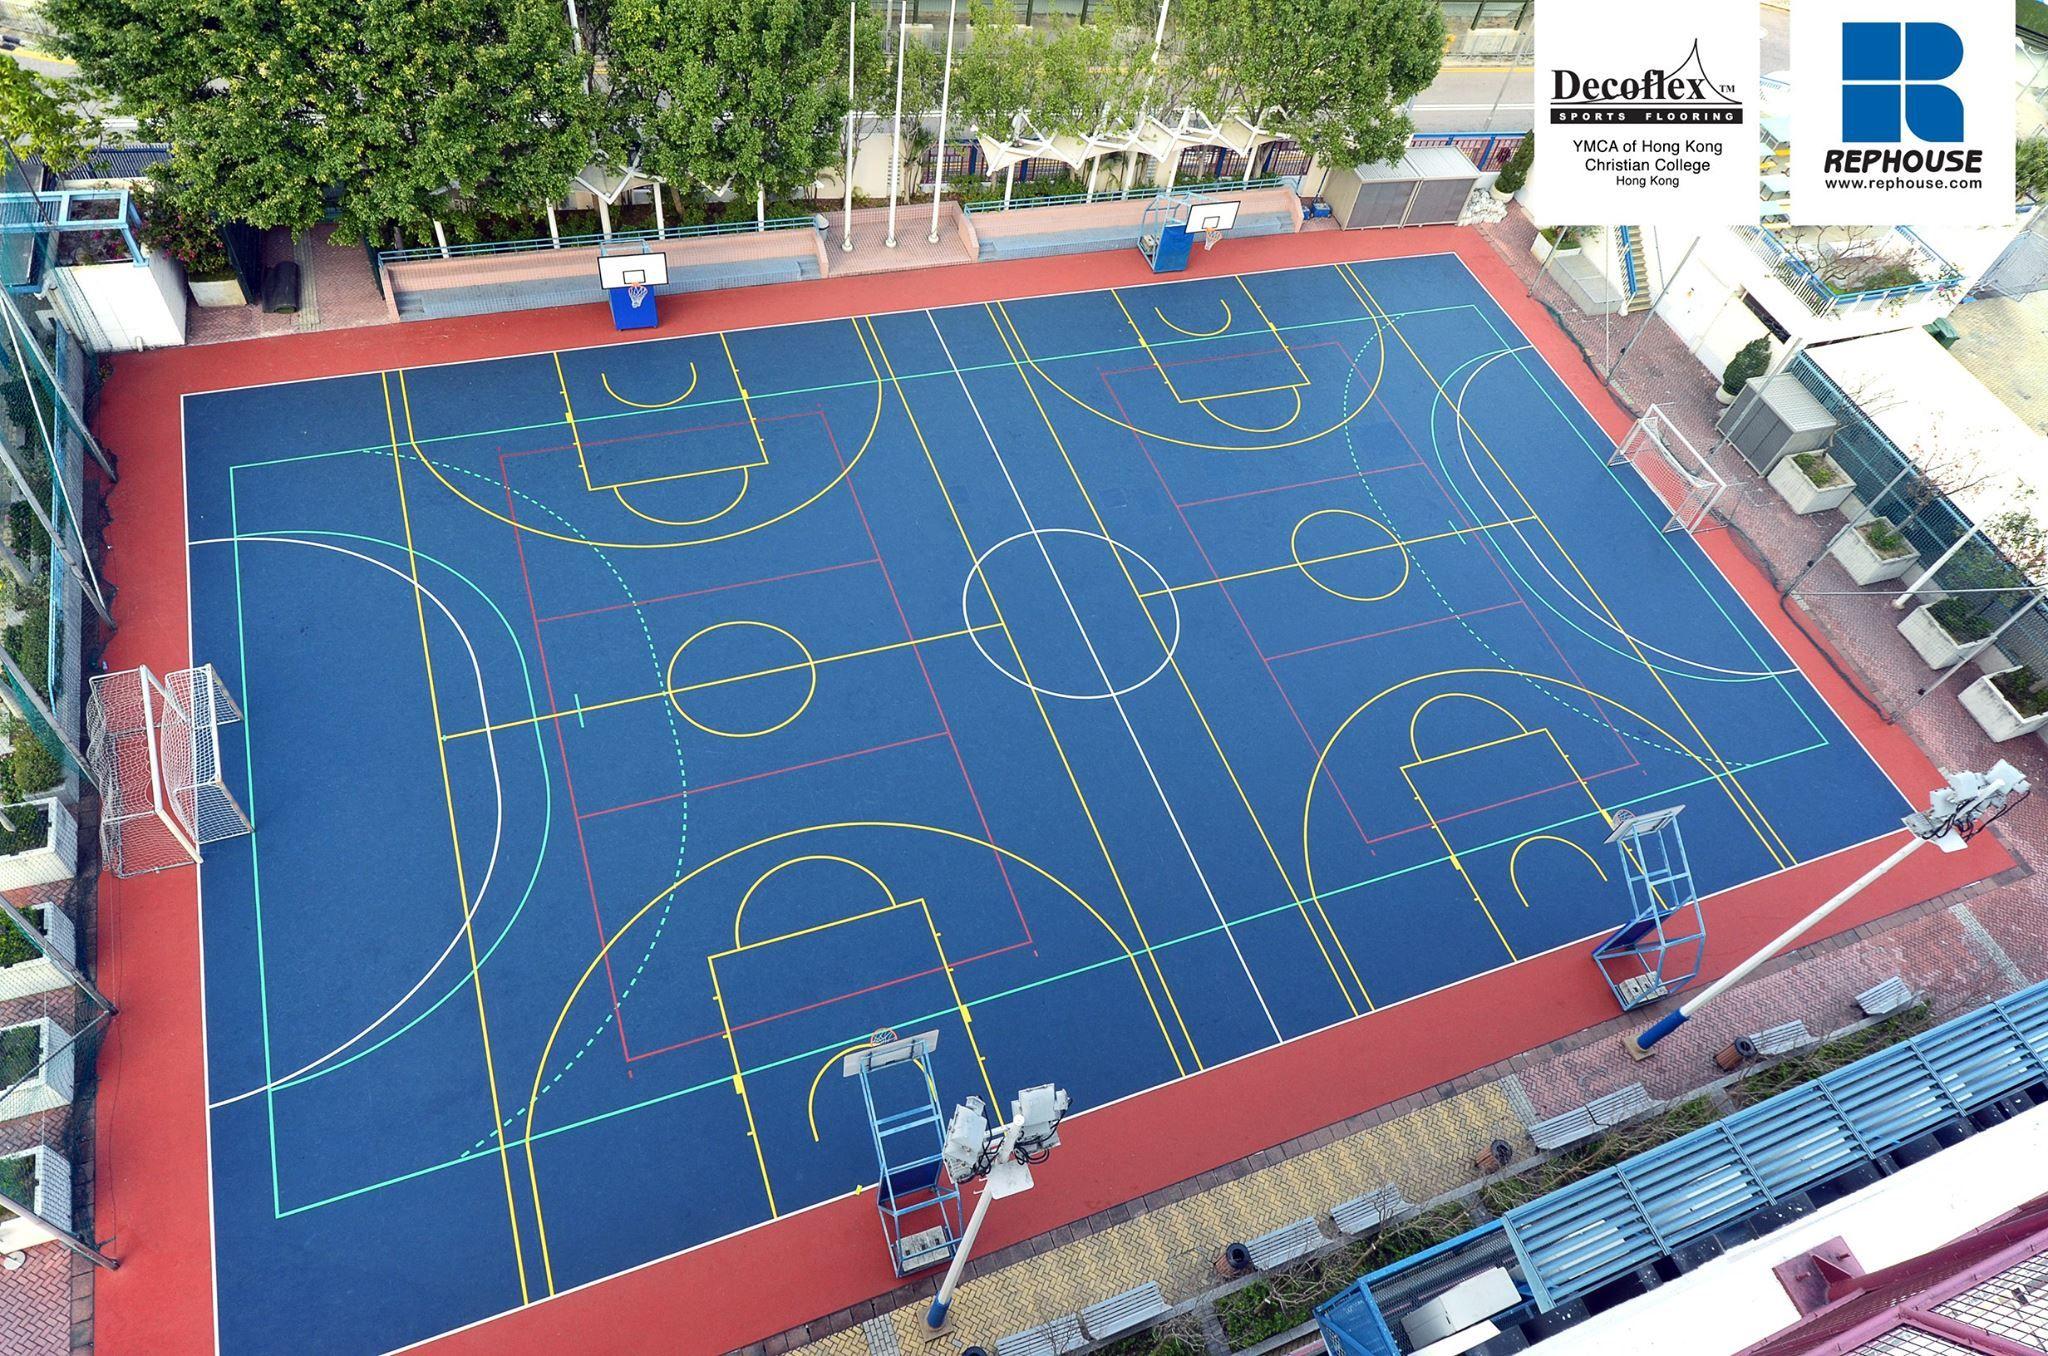 Decoflex D15 Outdoor Sports Flooring Ymca Of Hong Kong Christian College Hong Kong Sports Complex Christian College Ymca